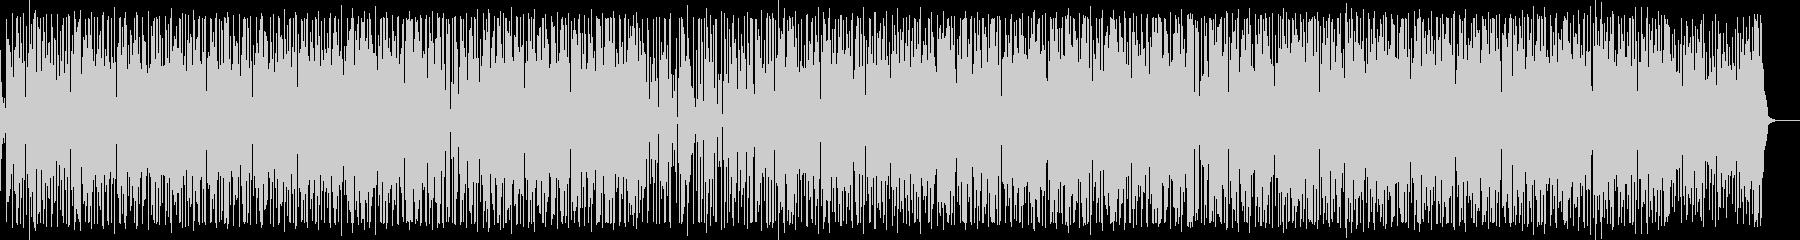 ほのぼの生アコメロのギターポップスの未再生の波形